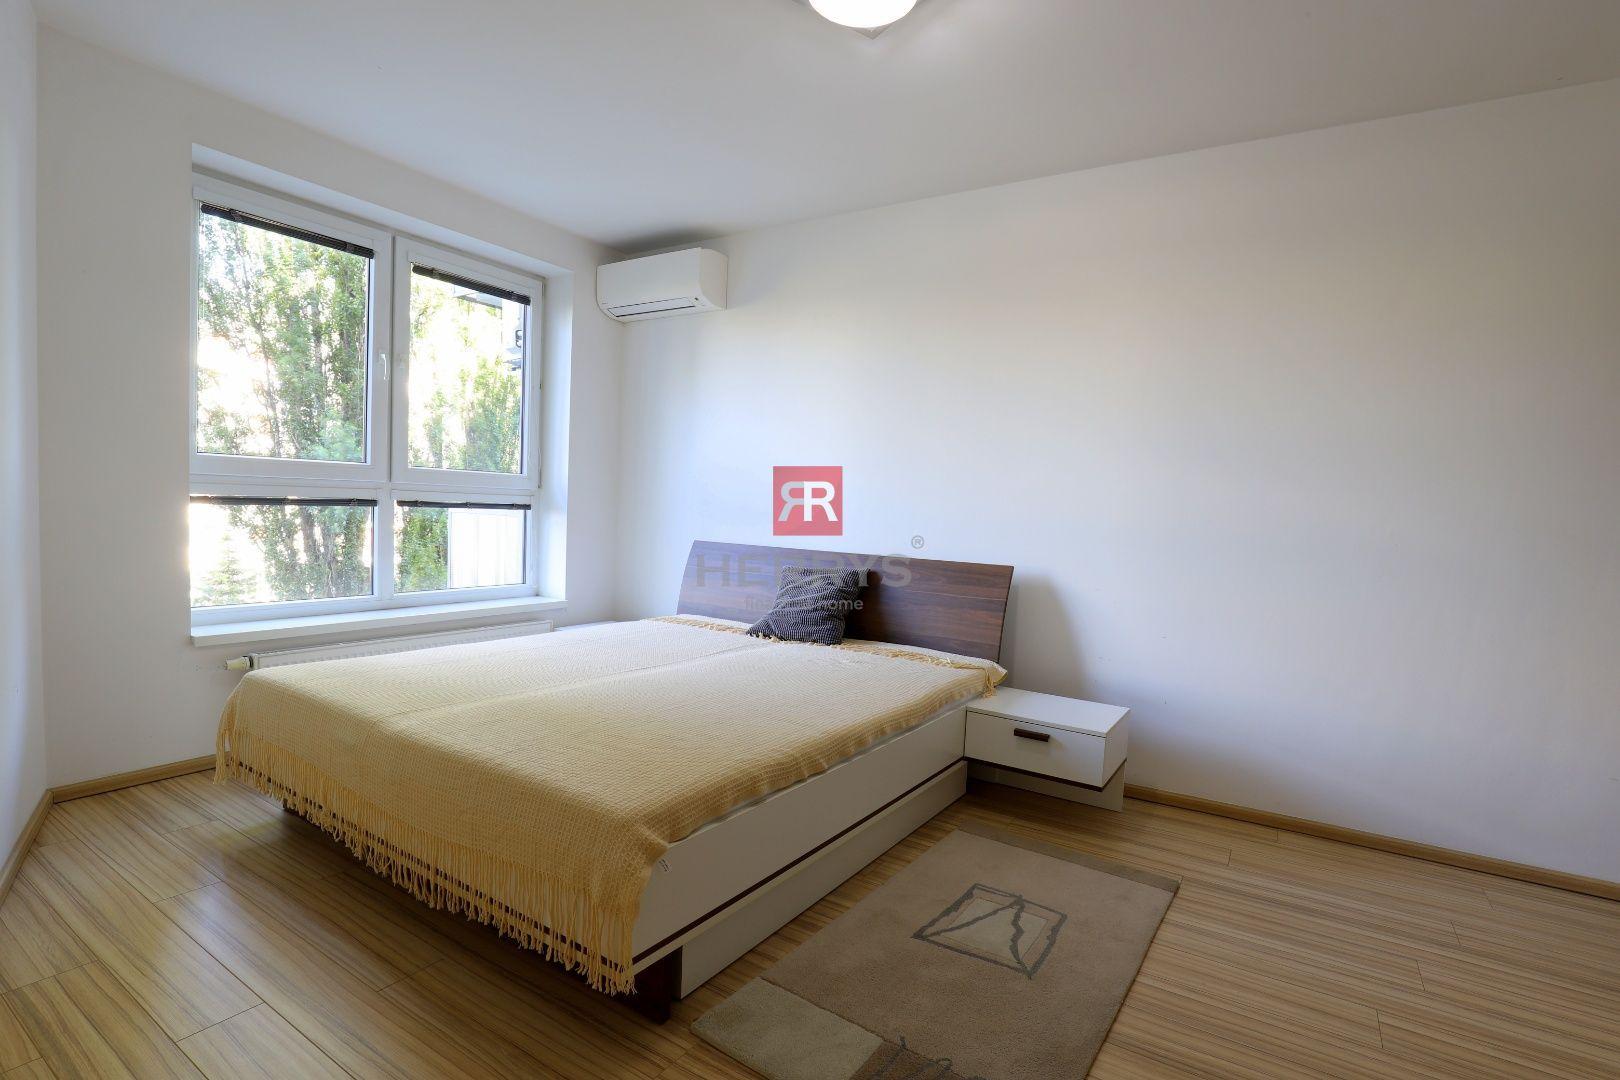 HERRYS - Na prenájom pekný 2 izbový byt na Drieňovej ulici pri Štrkovci, parking